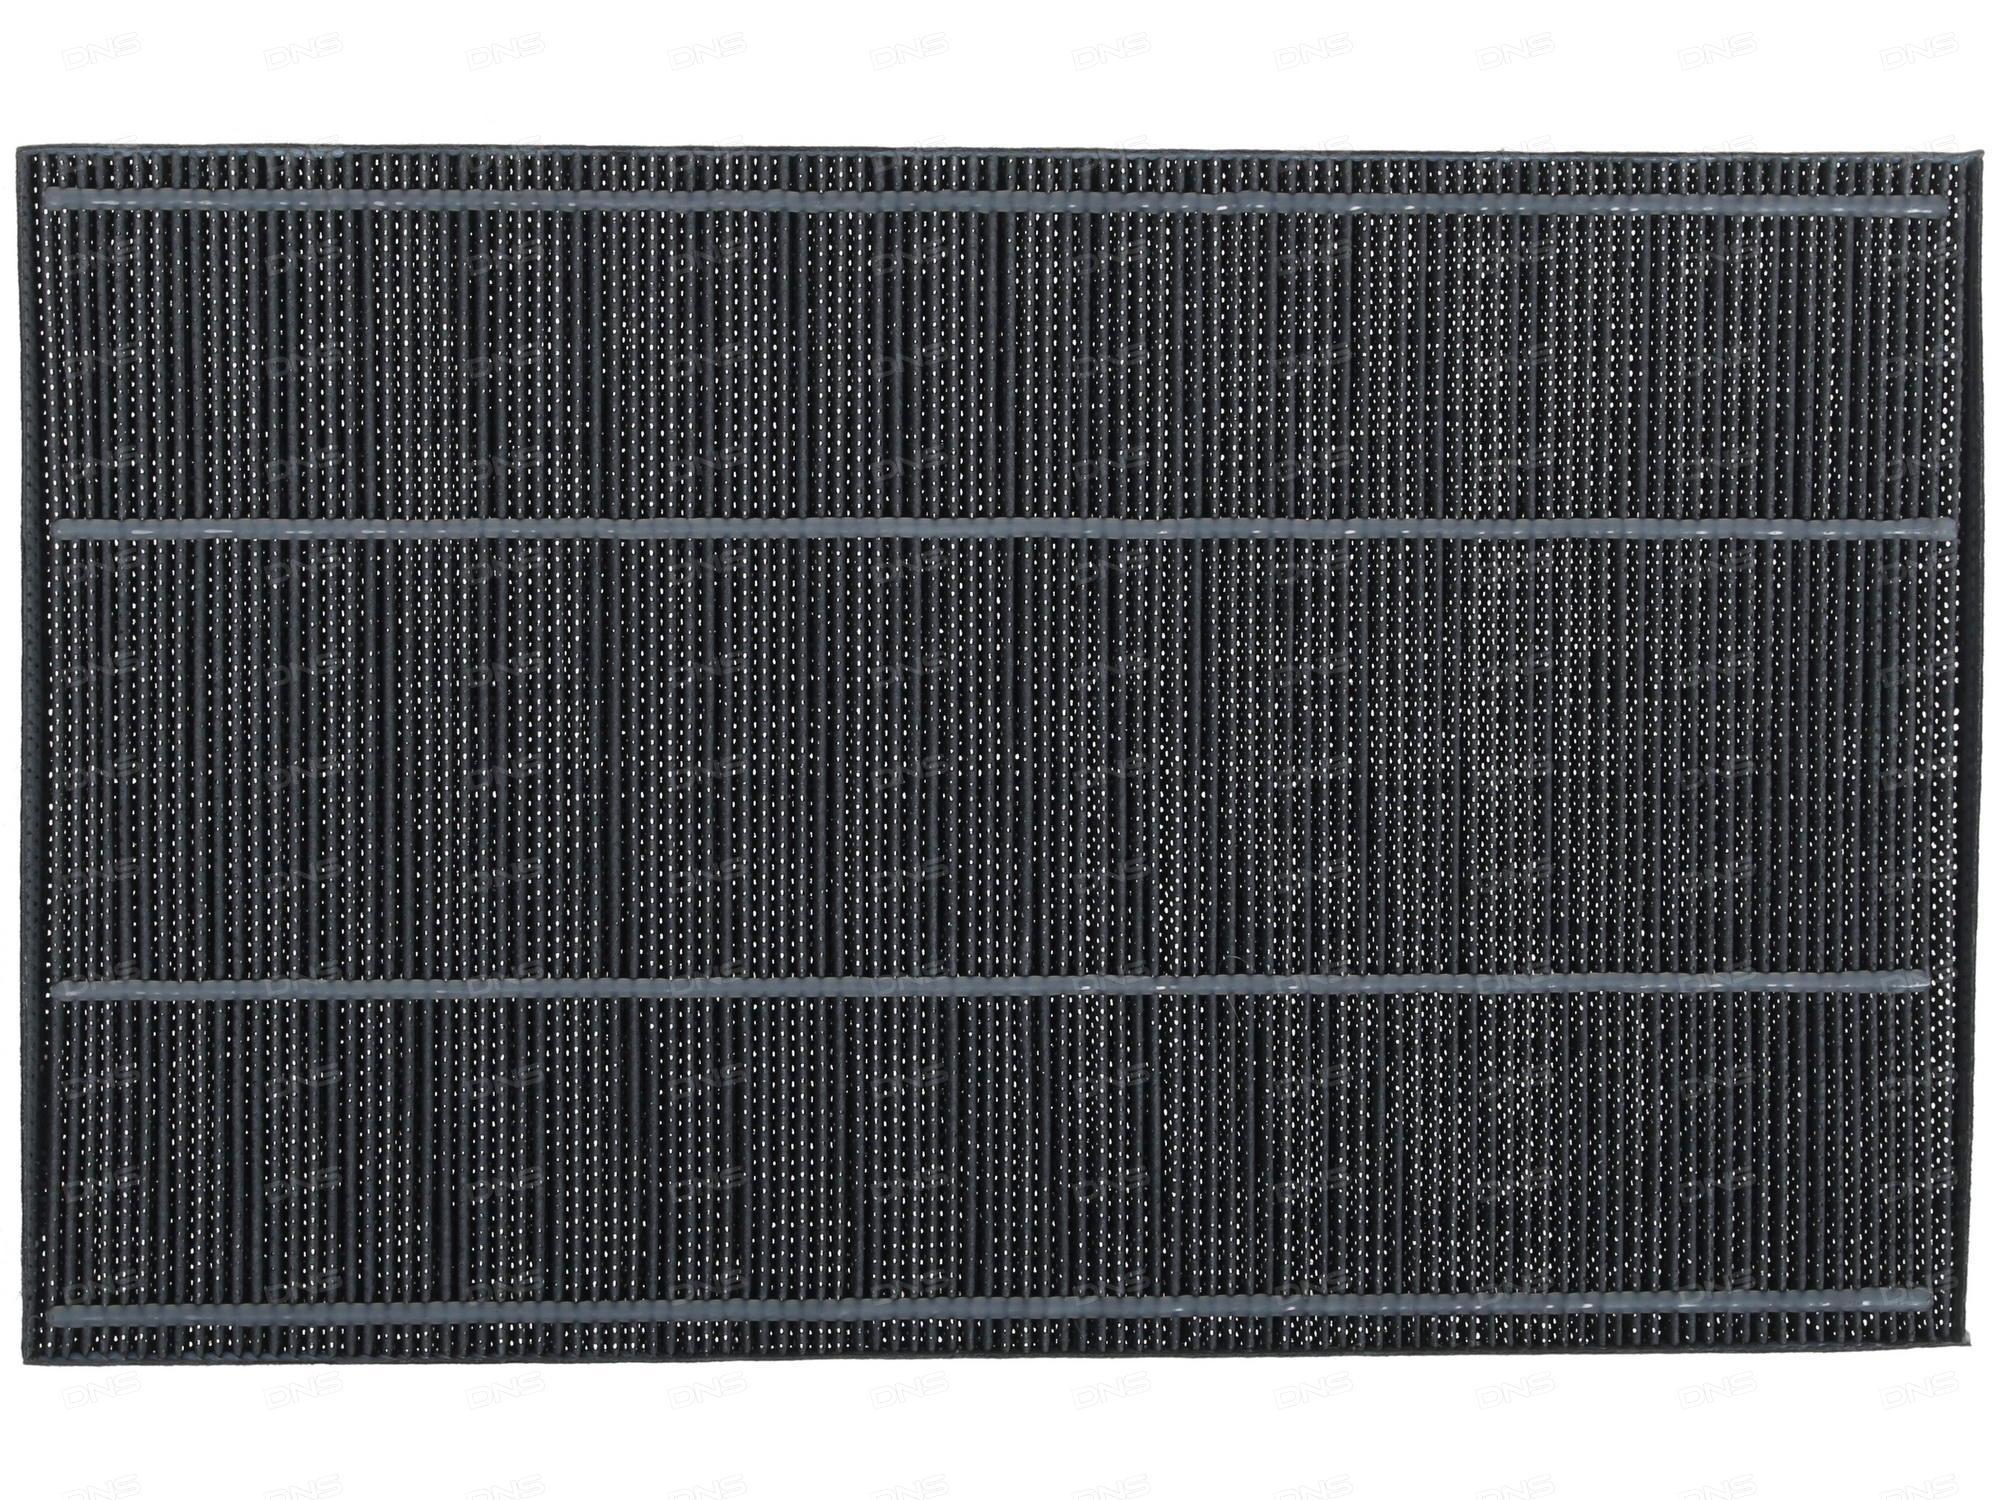 Фильтр дезодорирующий FZ - A41 DFR для Sharp КС- А40/41